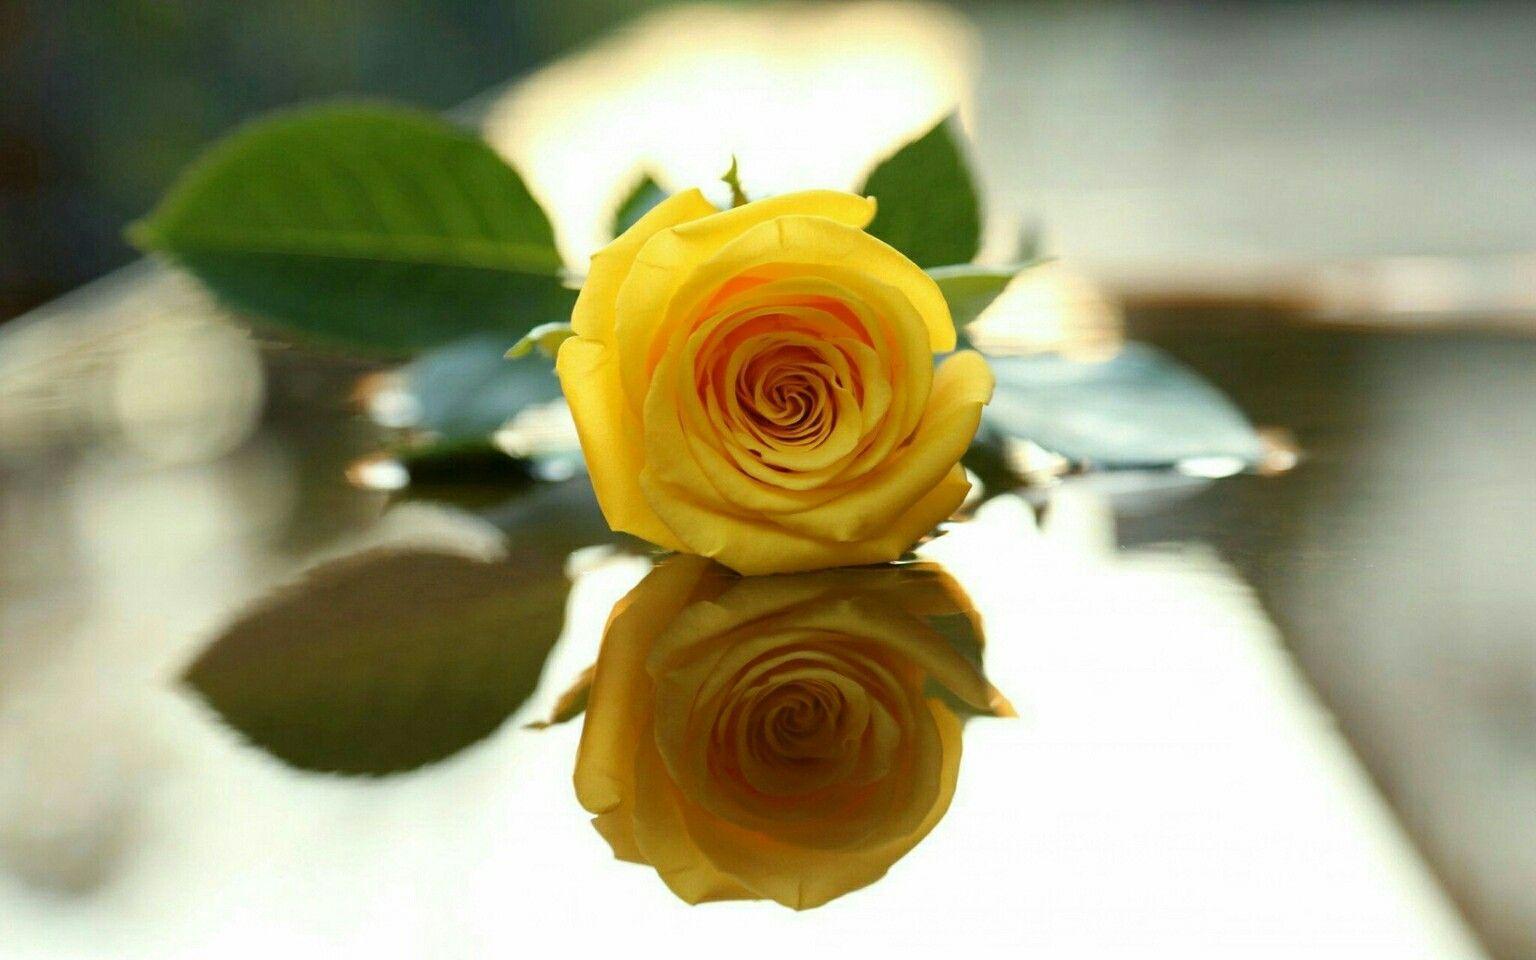 Pin By Priyanshi On Rose Yellow Roses Rose Wallpaper Yellow Rose Flower